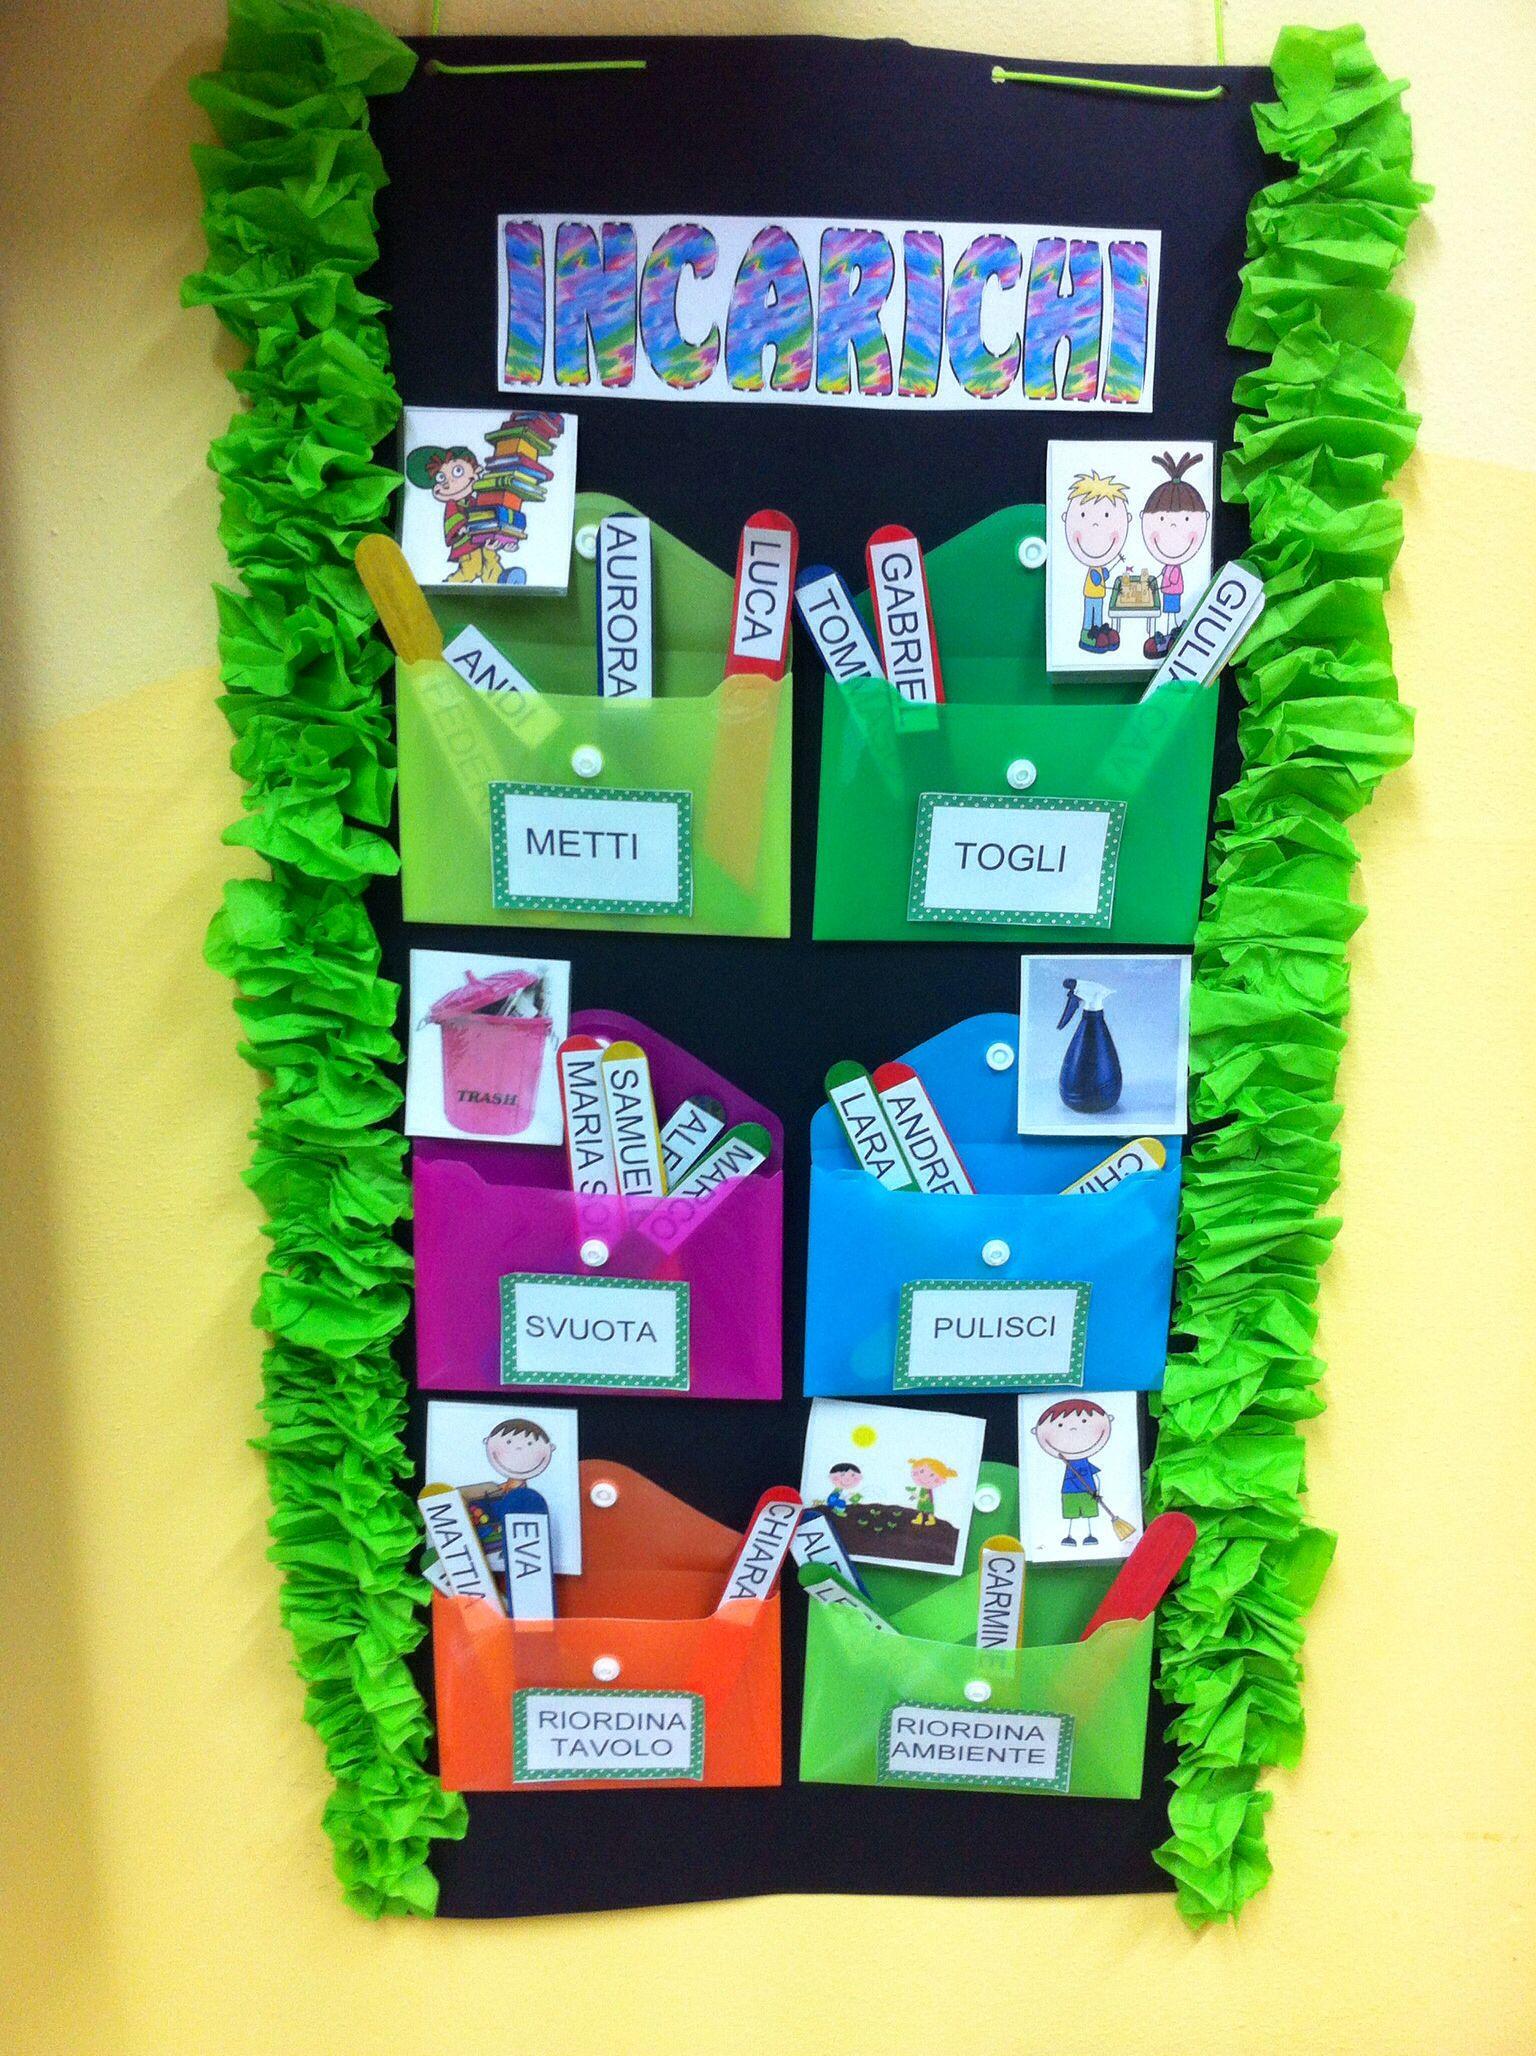 Incarichi degli alunni 1 e 2 classe grazie dei tanti pin for Idee per cartelloni scuola infanzia